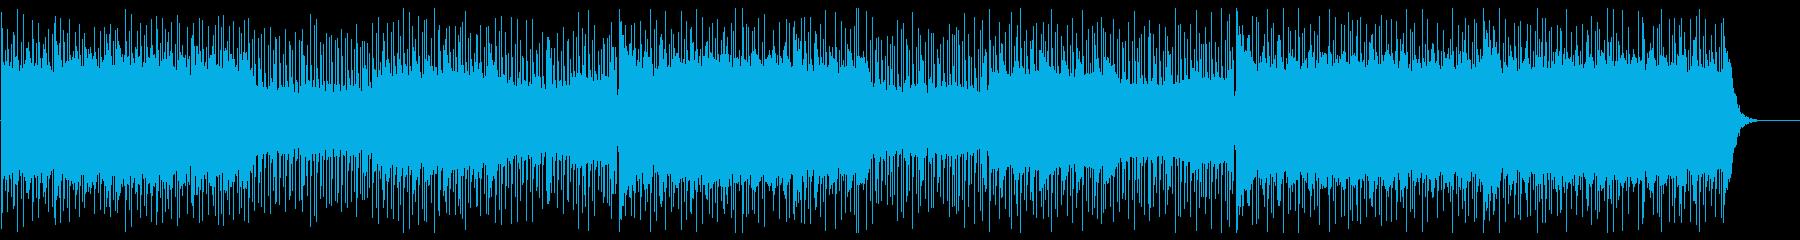 サイバー/ヒップホップ/ファミコン/低音の再生済みの波形